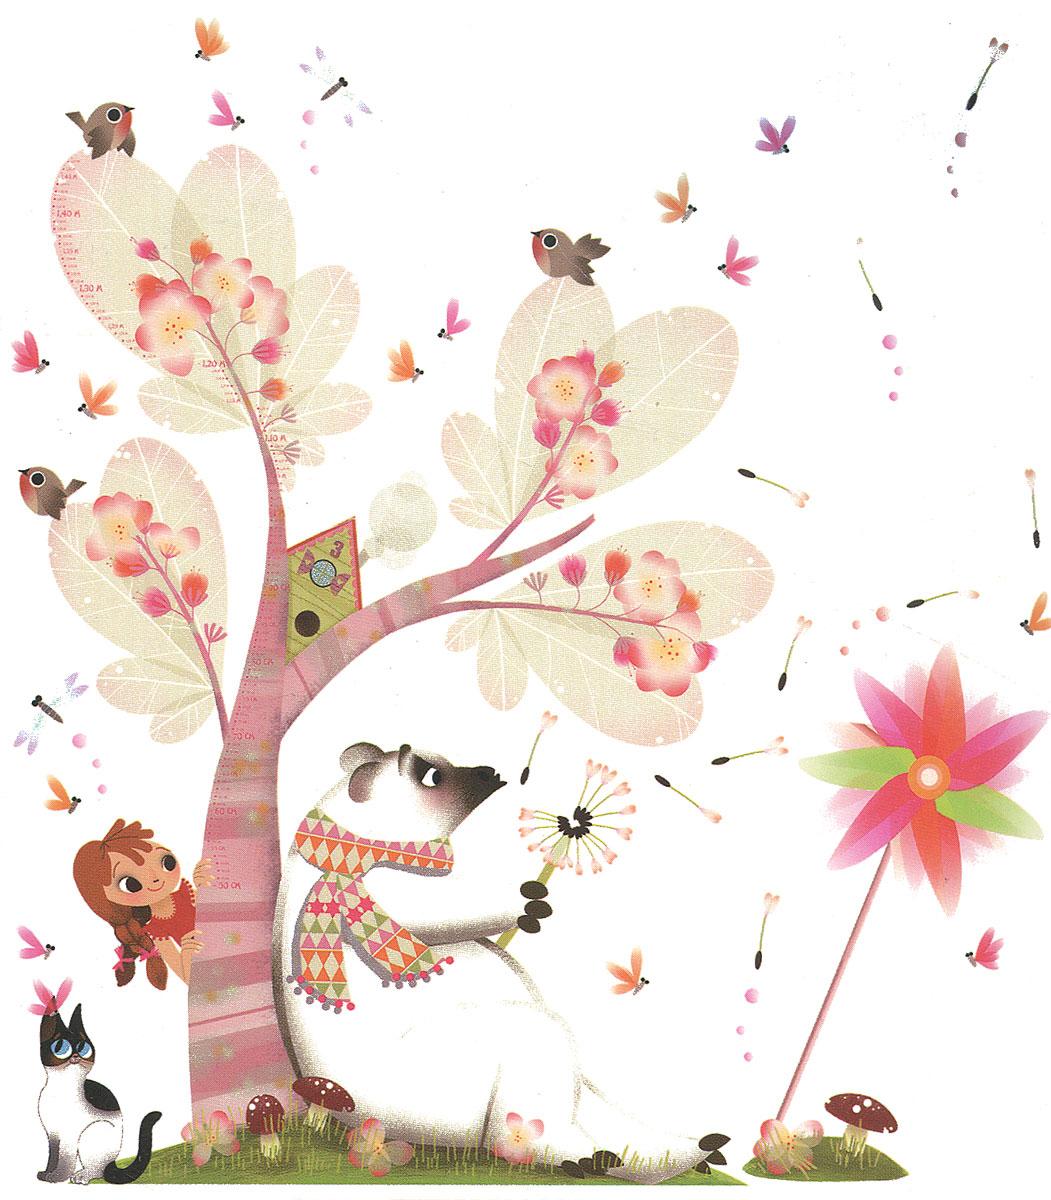 Janod Ростомер-стикер на стену Летний бриз 52 элементаJ02814Детский ростомер Летний бриз станет полезным и привлекательным украшением детской комнаты для вашего ребенка. Основой композиции является большое волшебное дерево, под которым сидит белый мишка. Судя по его позе, он погружен в какие-то сладкие грезы. Он дует на пушистый одуванчик и мечтательно наблюдает, как улетают белые невесомые парашютики. Девочка, которая выглядывает из-за дерева, с интересом подсматривает за медведем. На основную картину можно нанести дополнительные маленькие стикеры: птички, стрекозы, мотыльки, кошка, грибок на пригорке, парашютики одуванчика. Их можно приклеить на любое место на основном фоне.Ростомер стикер на стену Летний бриз превосходно украсит комнату и станет замечательным подарком для любой девочки от 3 лет. Он обязательно заинтересует маленькую мечтательницу и будет интересен ребенку долгое время. Красивая и оригинальная упаковка с ручкой для переноски, станет завершающим, но не маловажным, штрихом. Еще яркими наклейками можно фиксировать фотографии и рисунки любого размера - фоторамки не нужны! А можно наклеить наклейки на оконное стекло - будем смотреть на улицу сквозь веселые цветочки, а подоконник при этом не занят никакими горшками. А когда наклейки захочется переклеить на другое место, никаких следов на стекле не останется. С таким ростомером расти гораздо веселее!